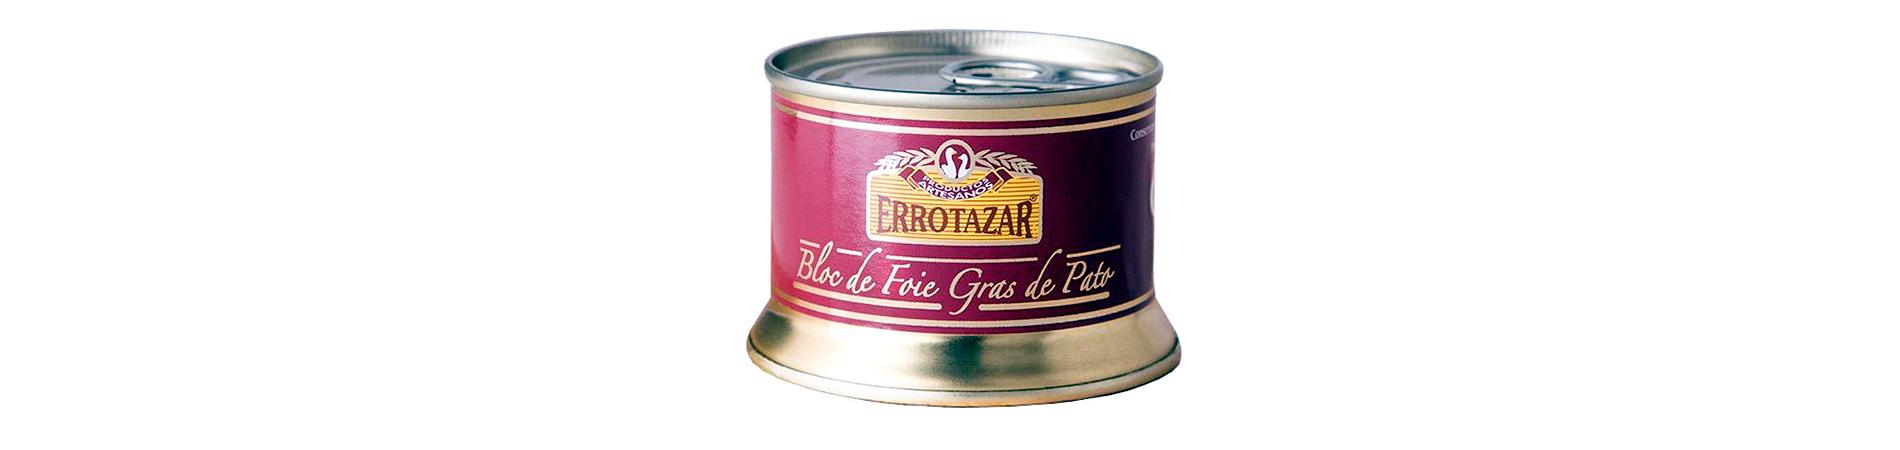 bloc-de-foie-gras-de-pato-errotazar